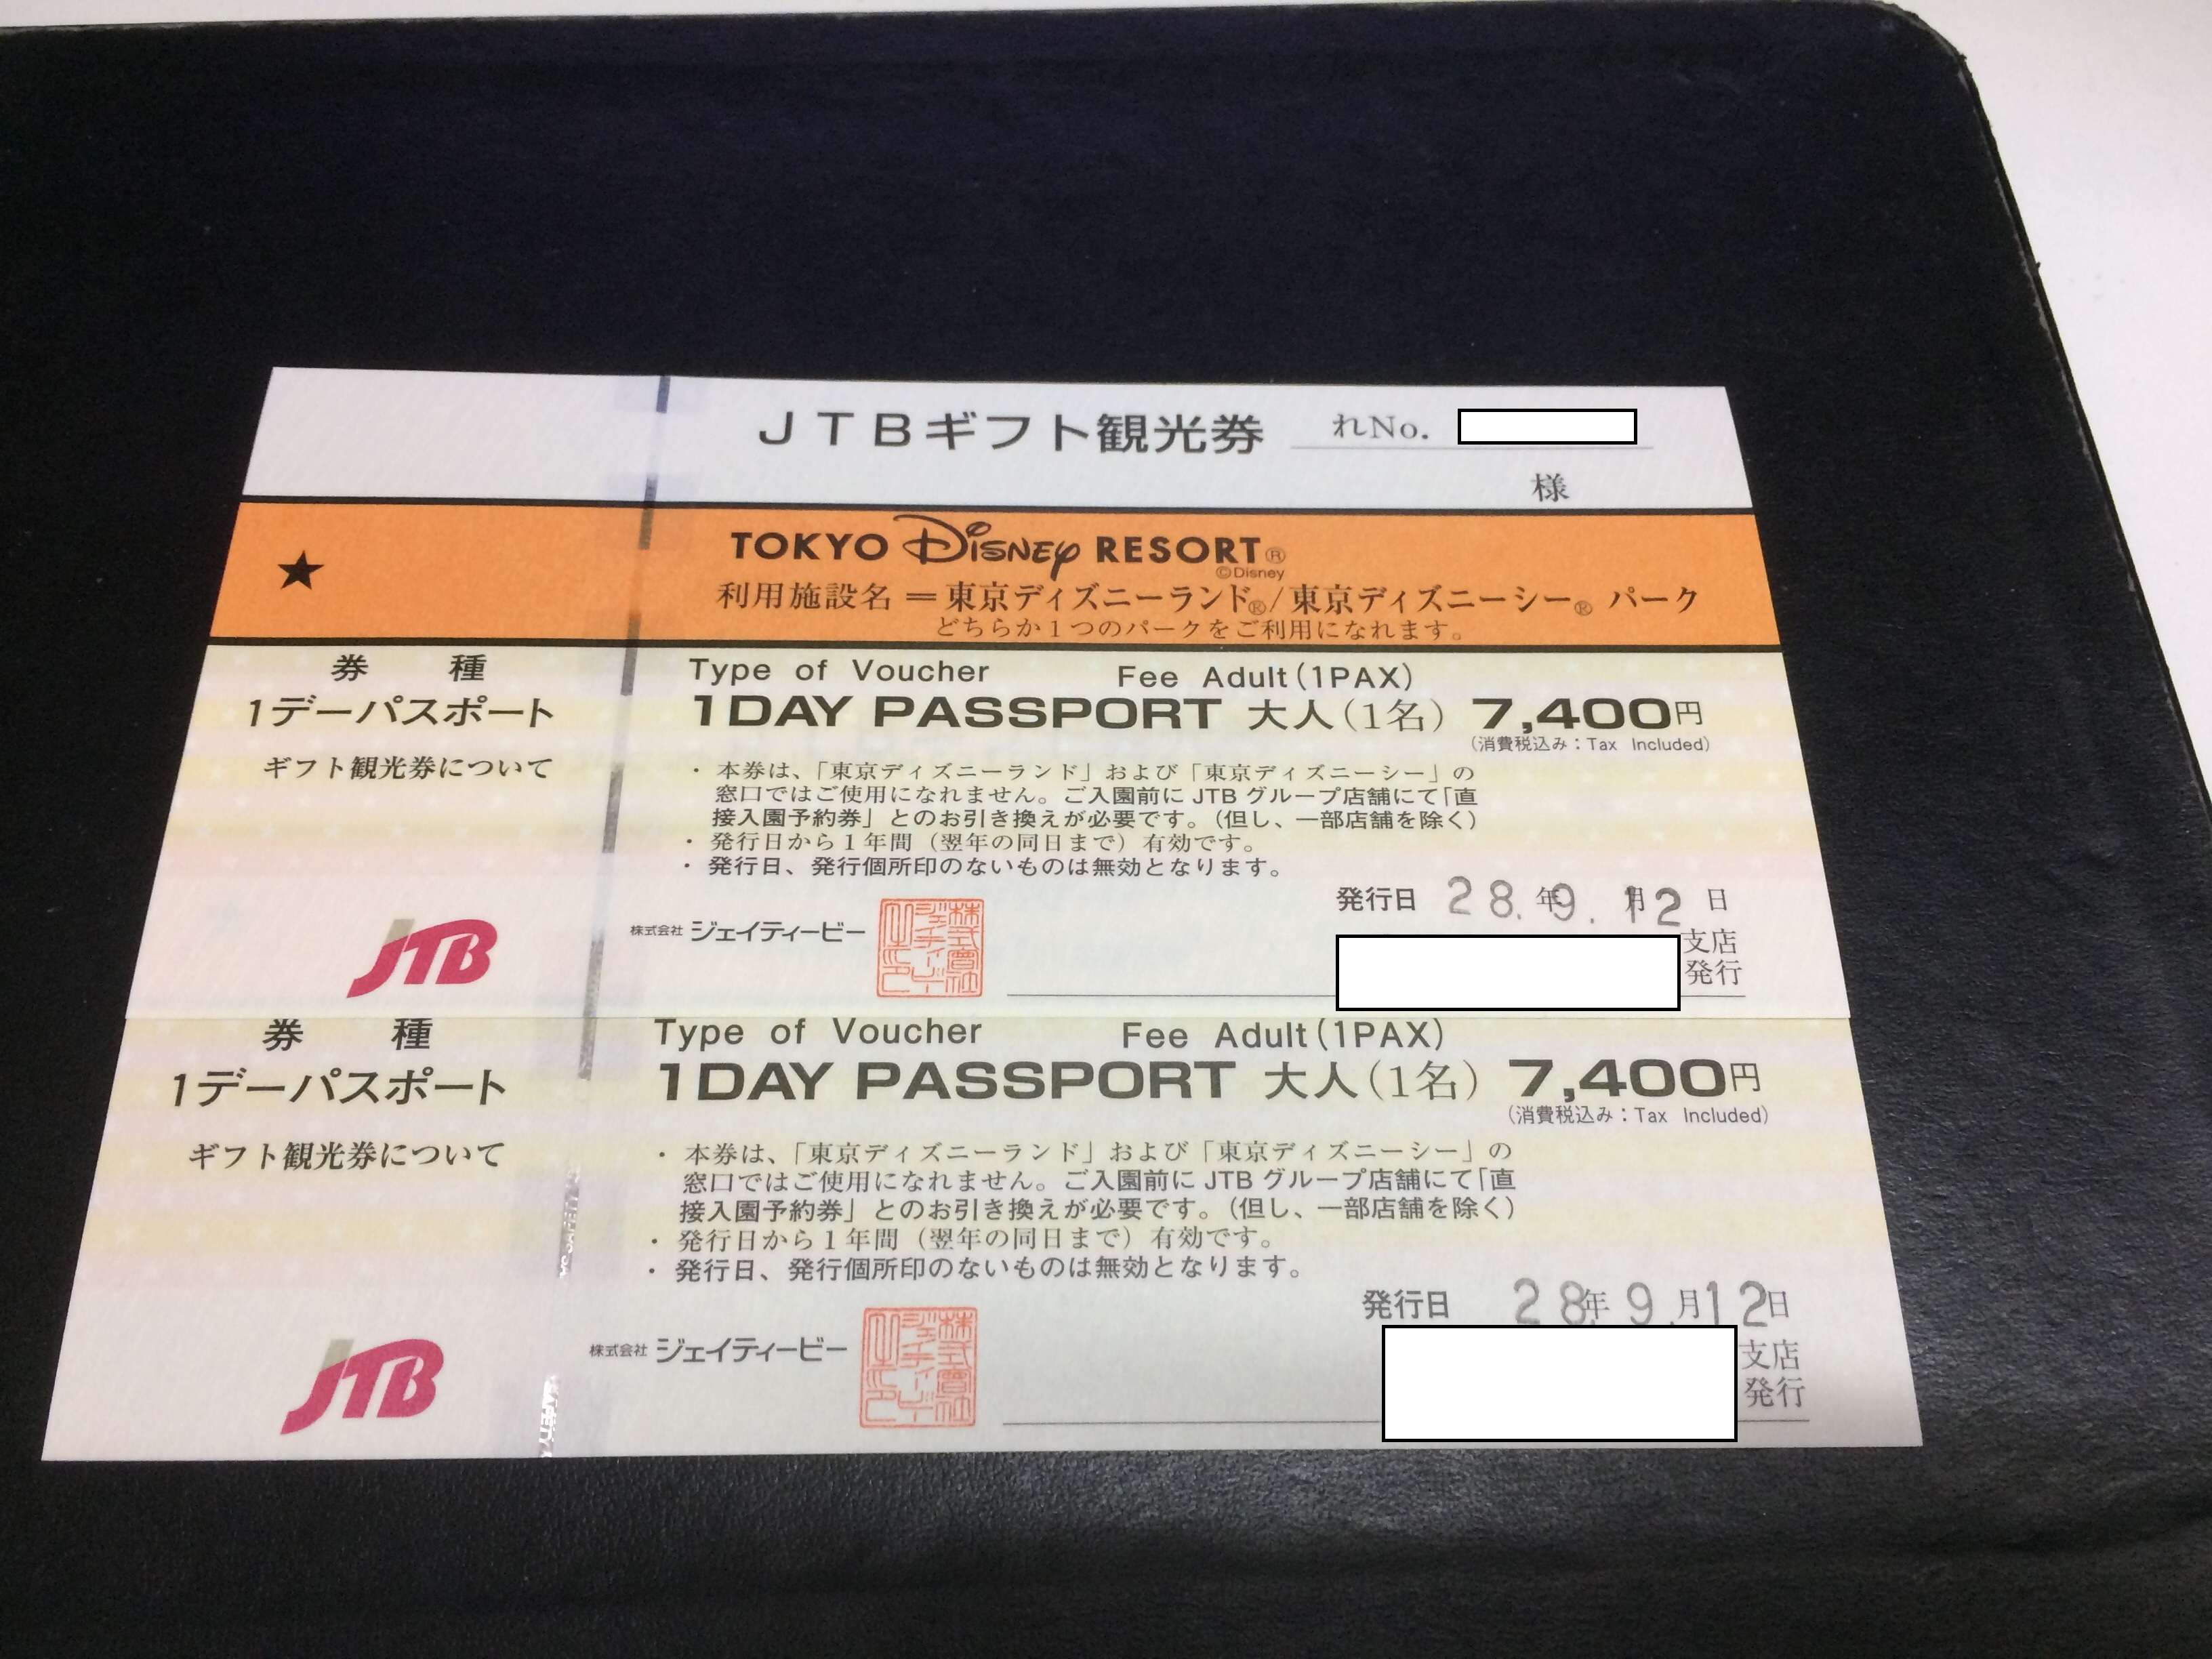 jtb の ギフト観光券 ディズニーリゾート 1デーパスポート を 買い取り